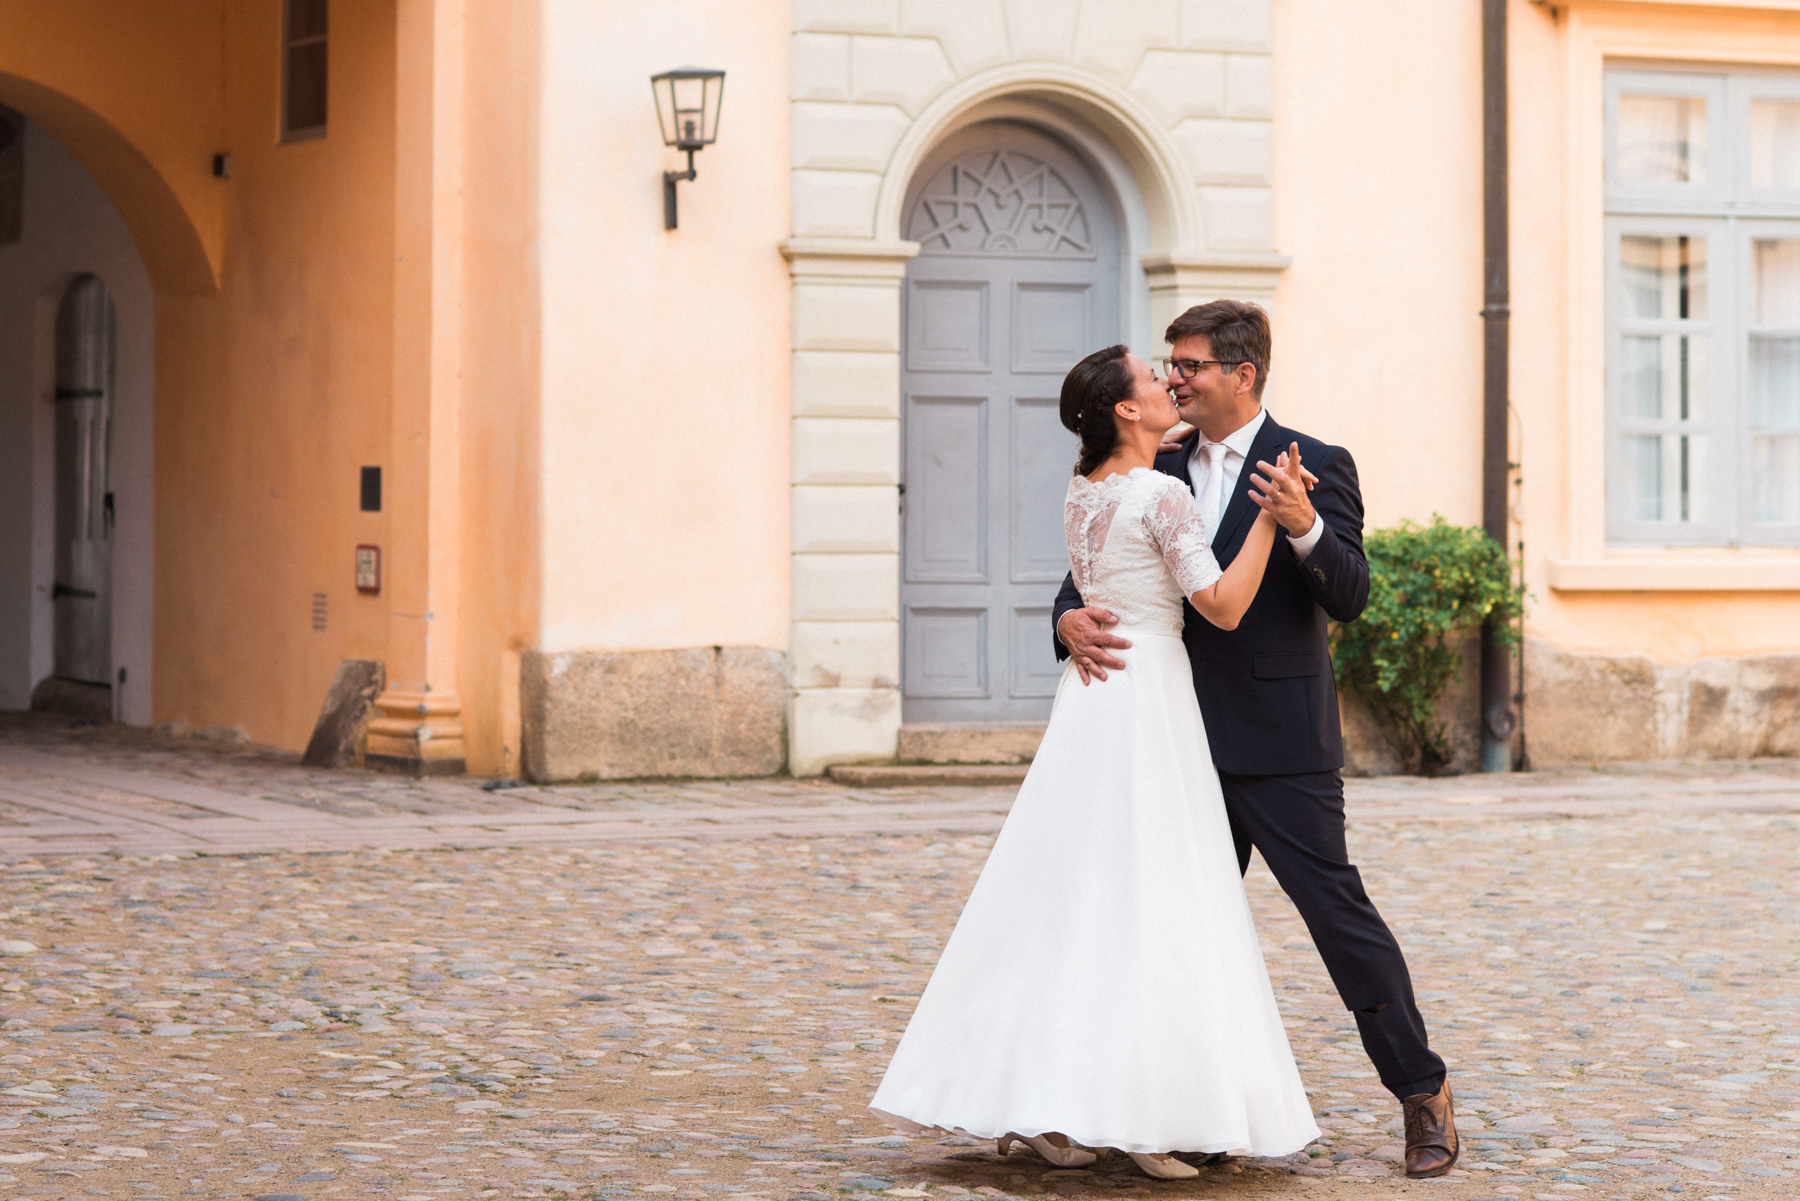 Bluhm-Hochzeitsfotograf-HochzeitamMeer-45.jpg